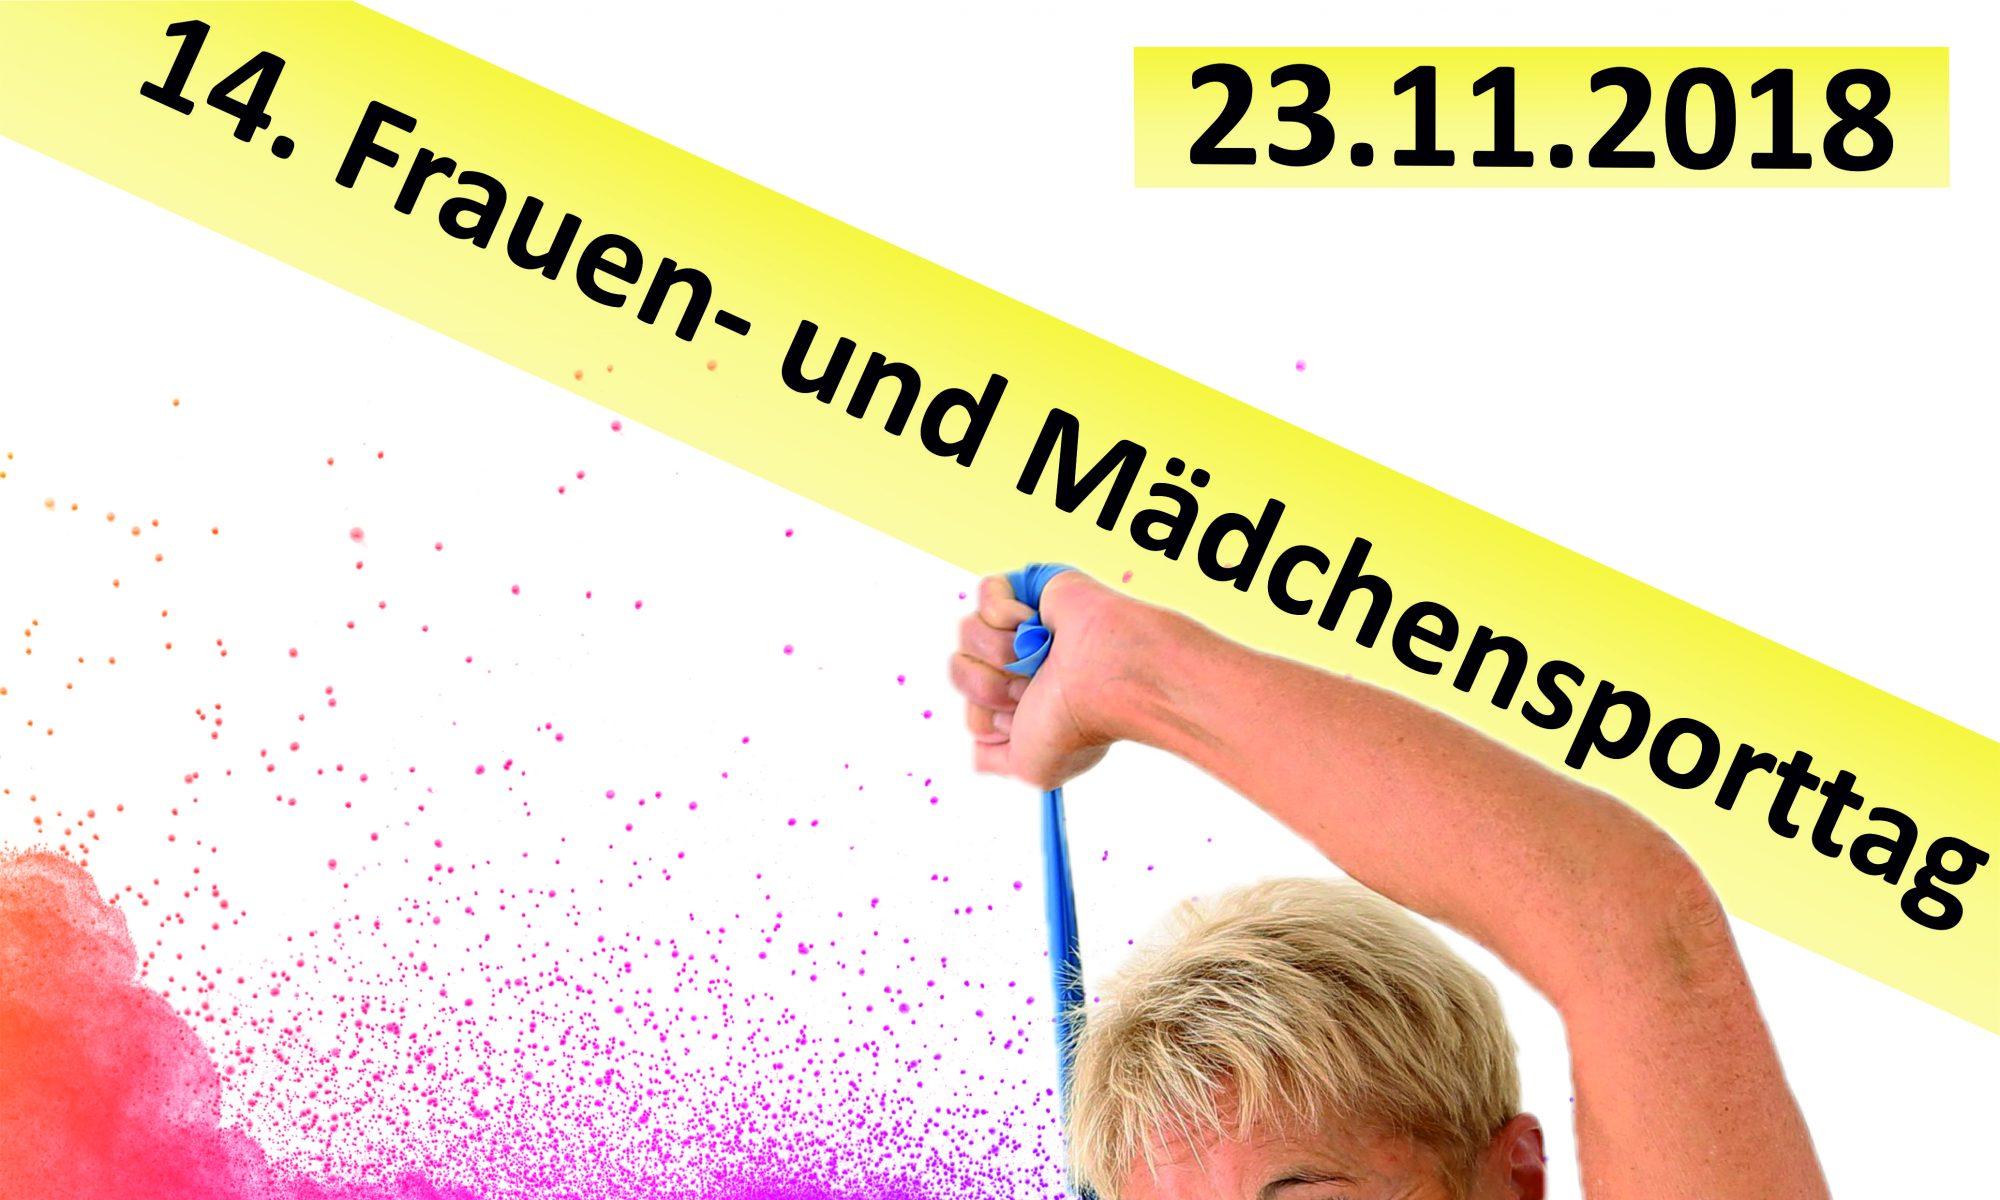 14. Frauen- und Mädchensporttag